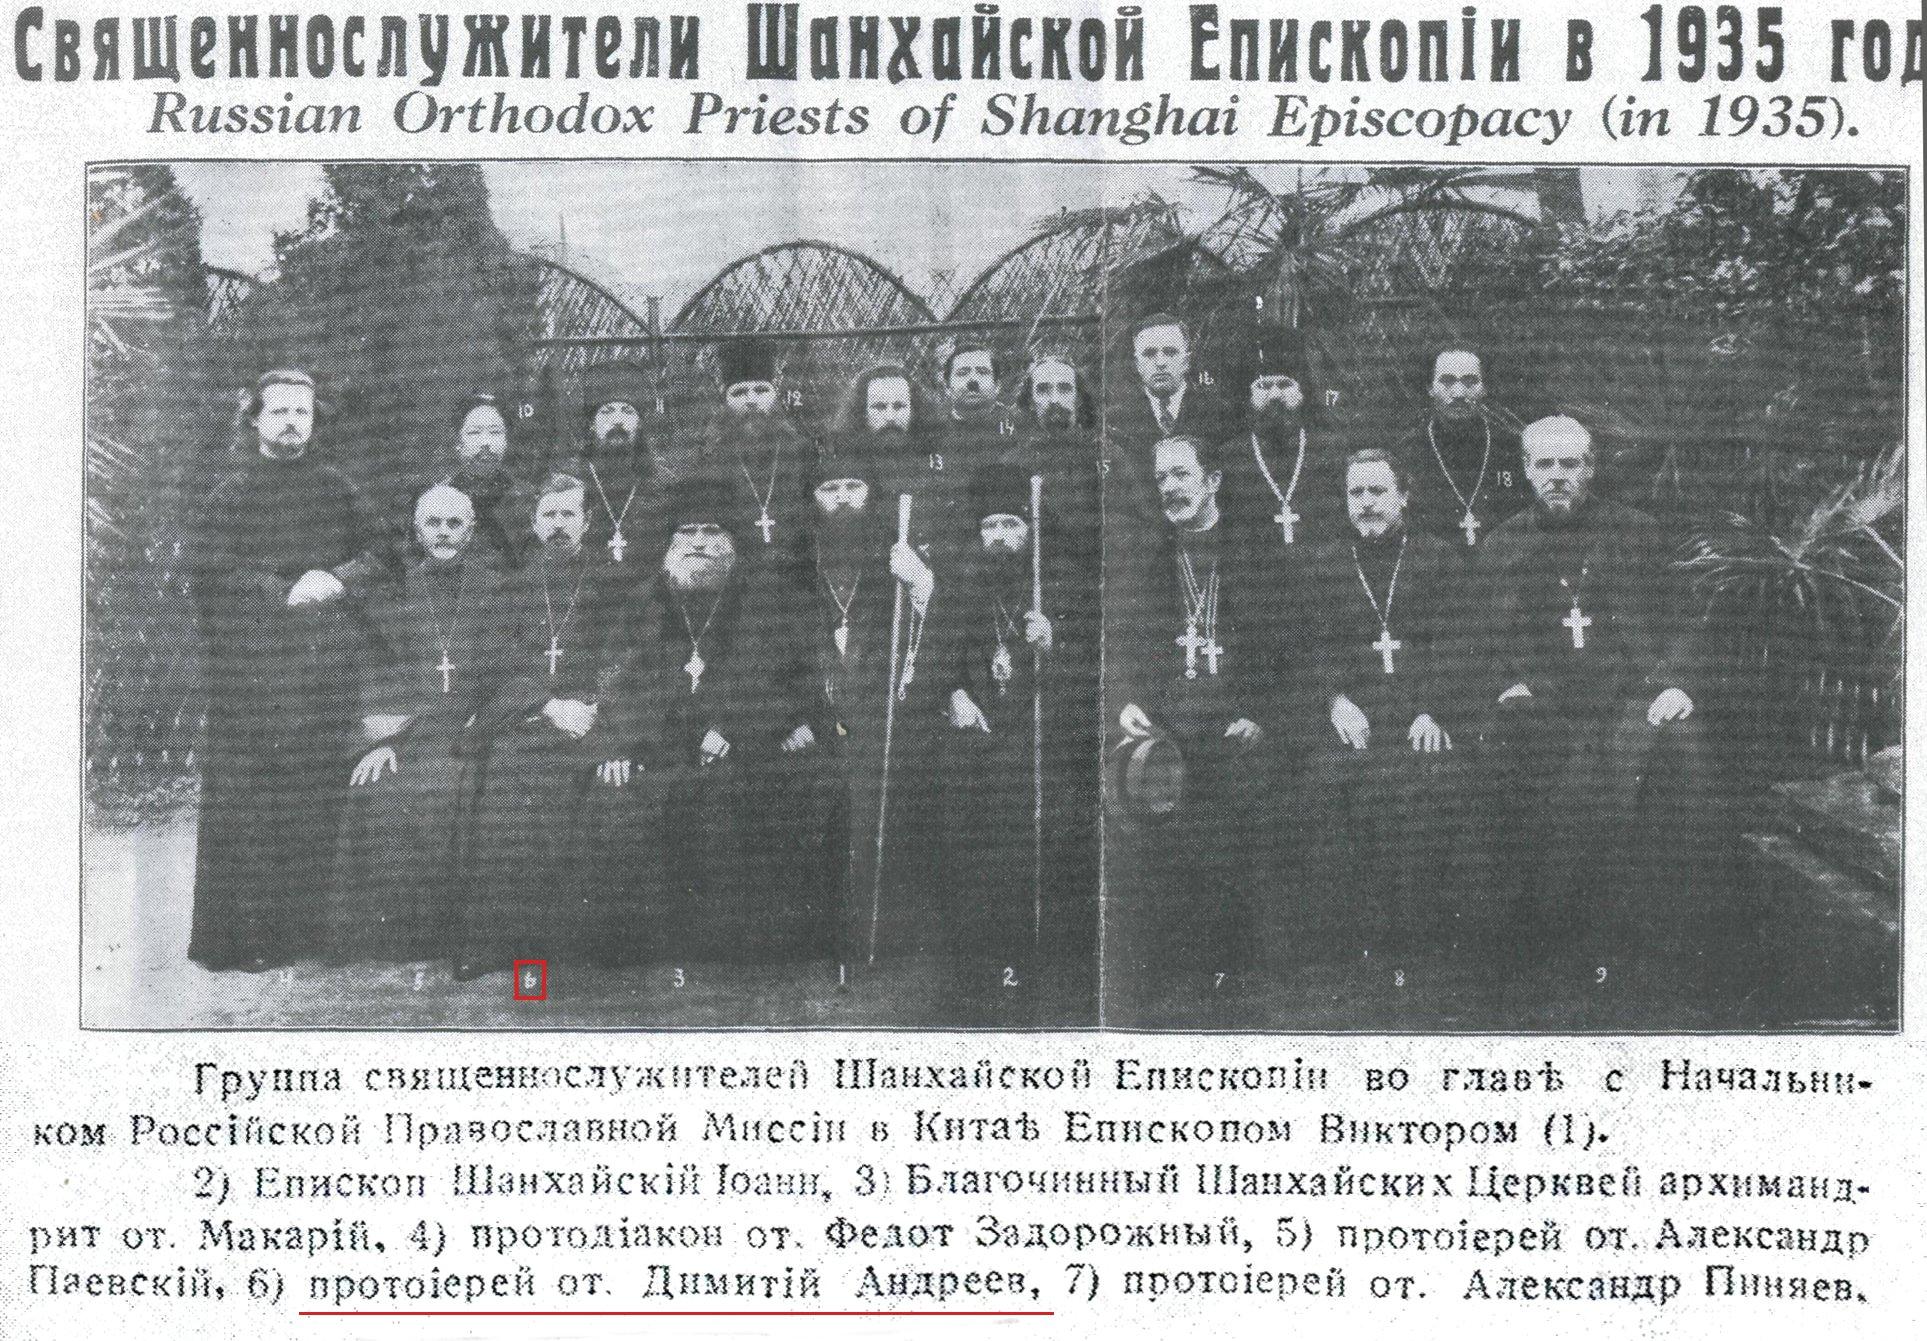 Svjaschennosluzhiteli_Shankhaiskoi_episkopii_1935_g.jpg